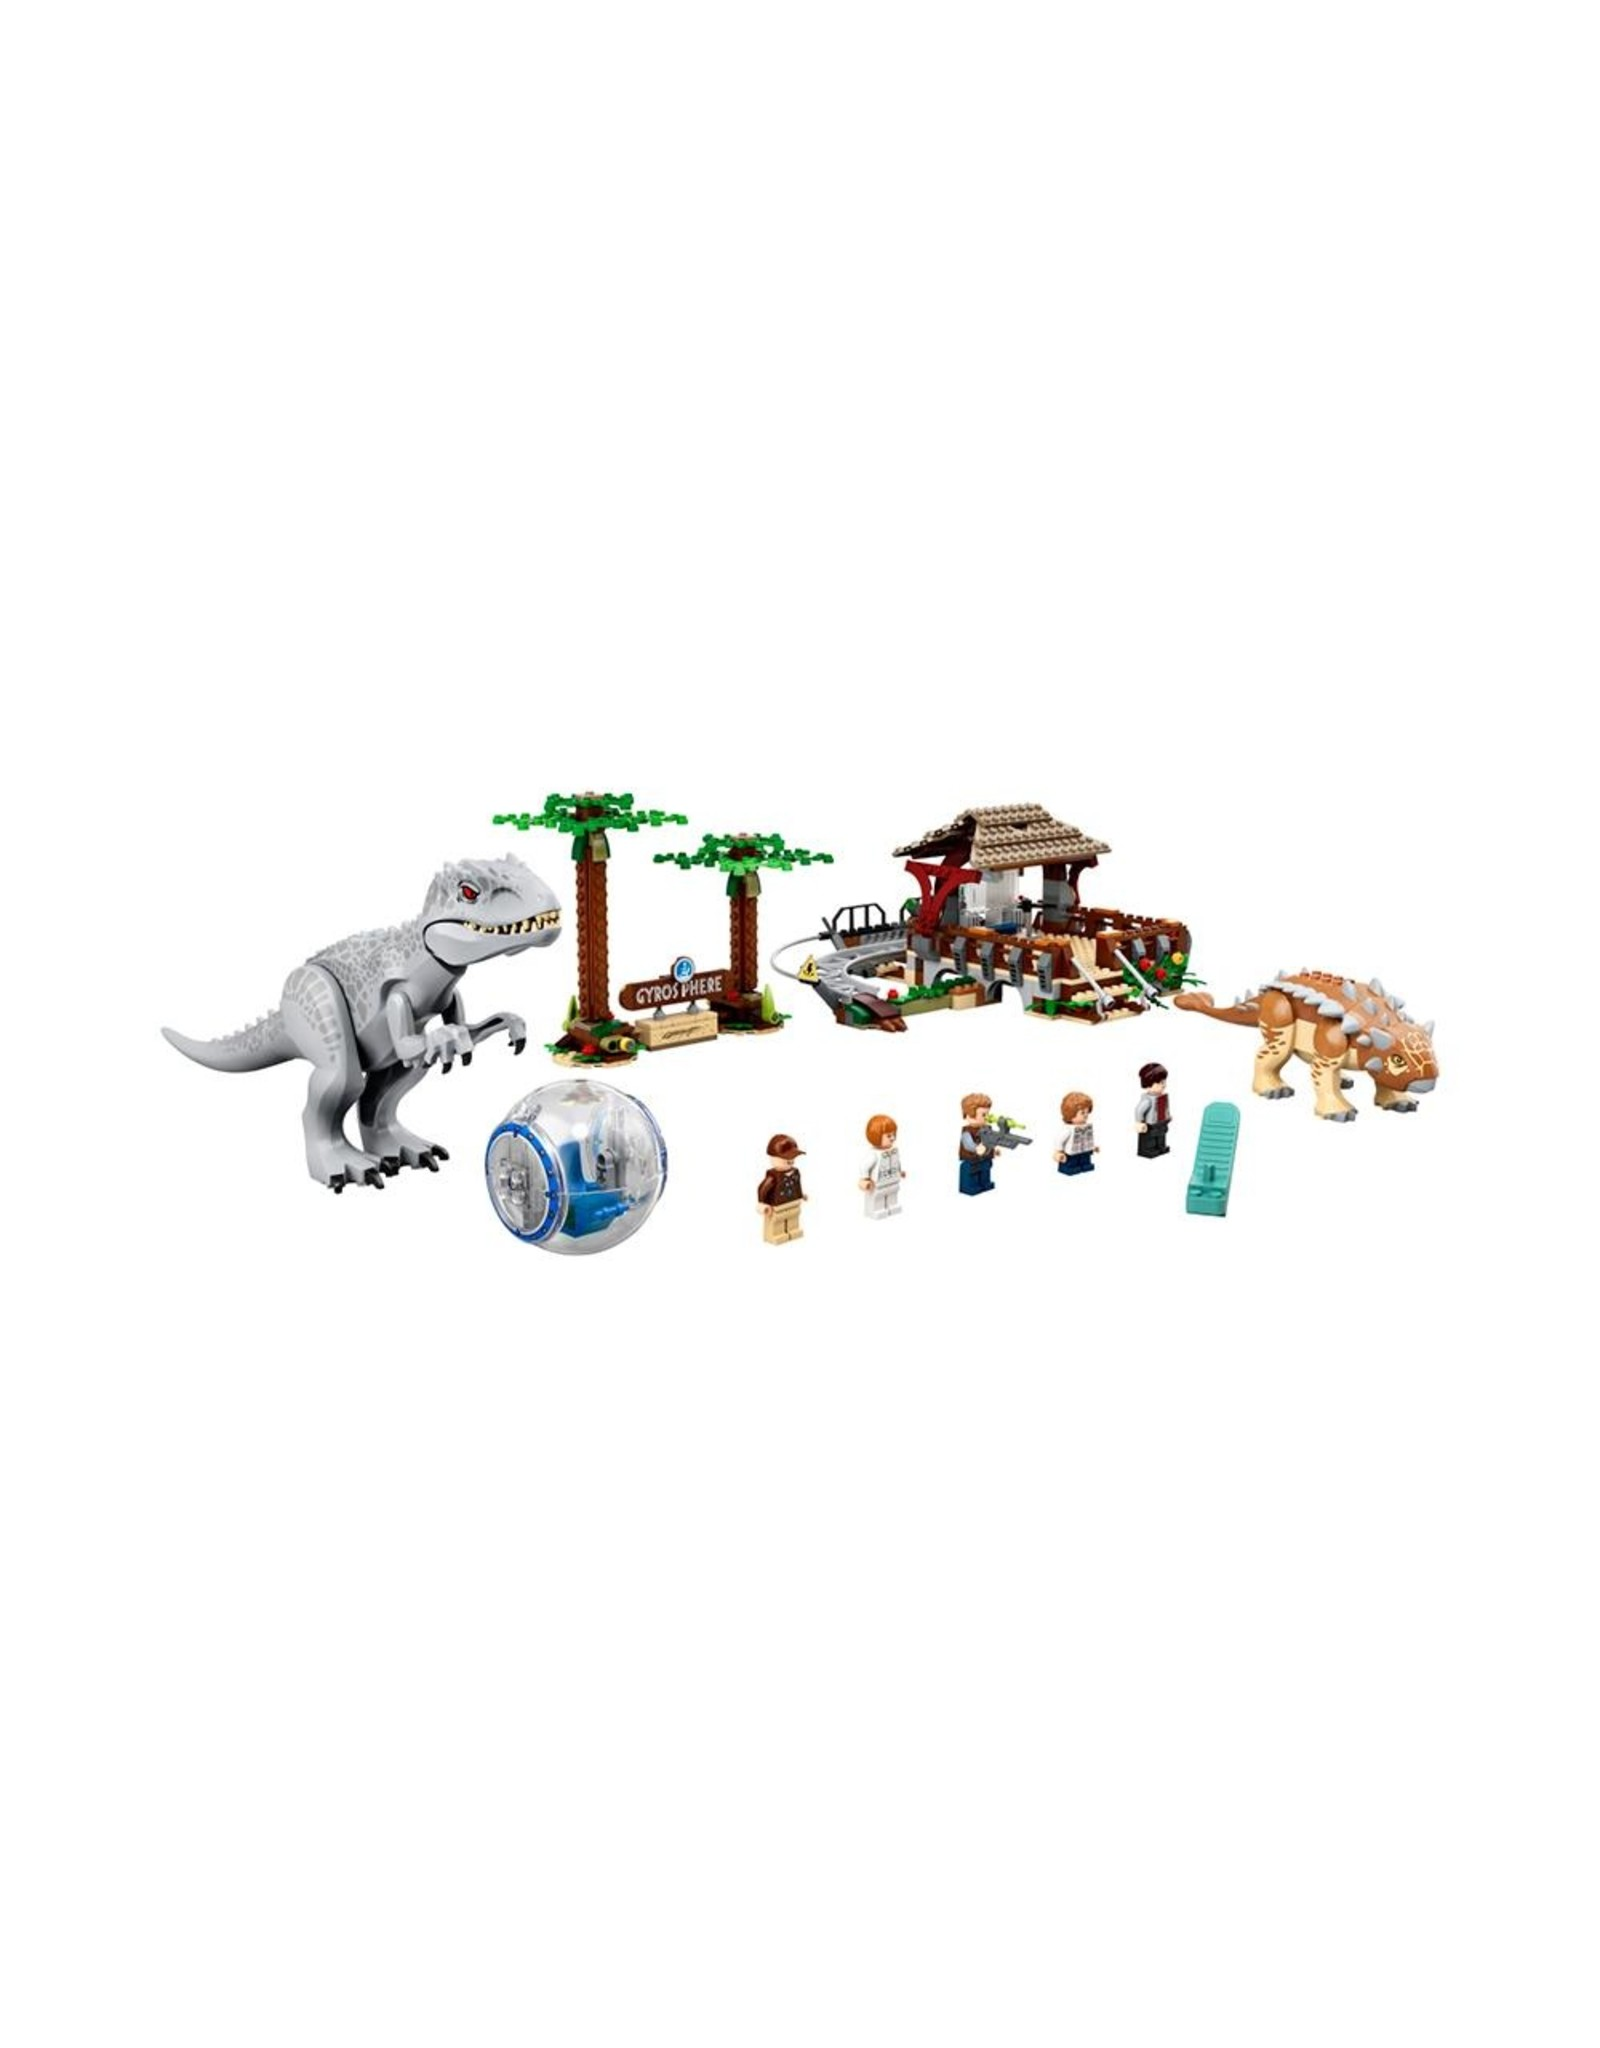 LEGO Jurassic World - 75941 - Indominus Rex Vs. Ankylosaurus